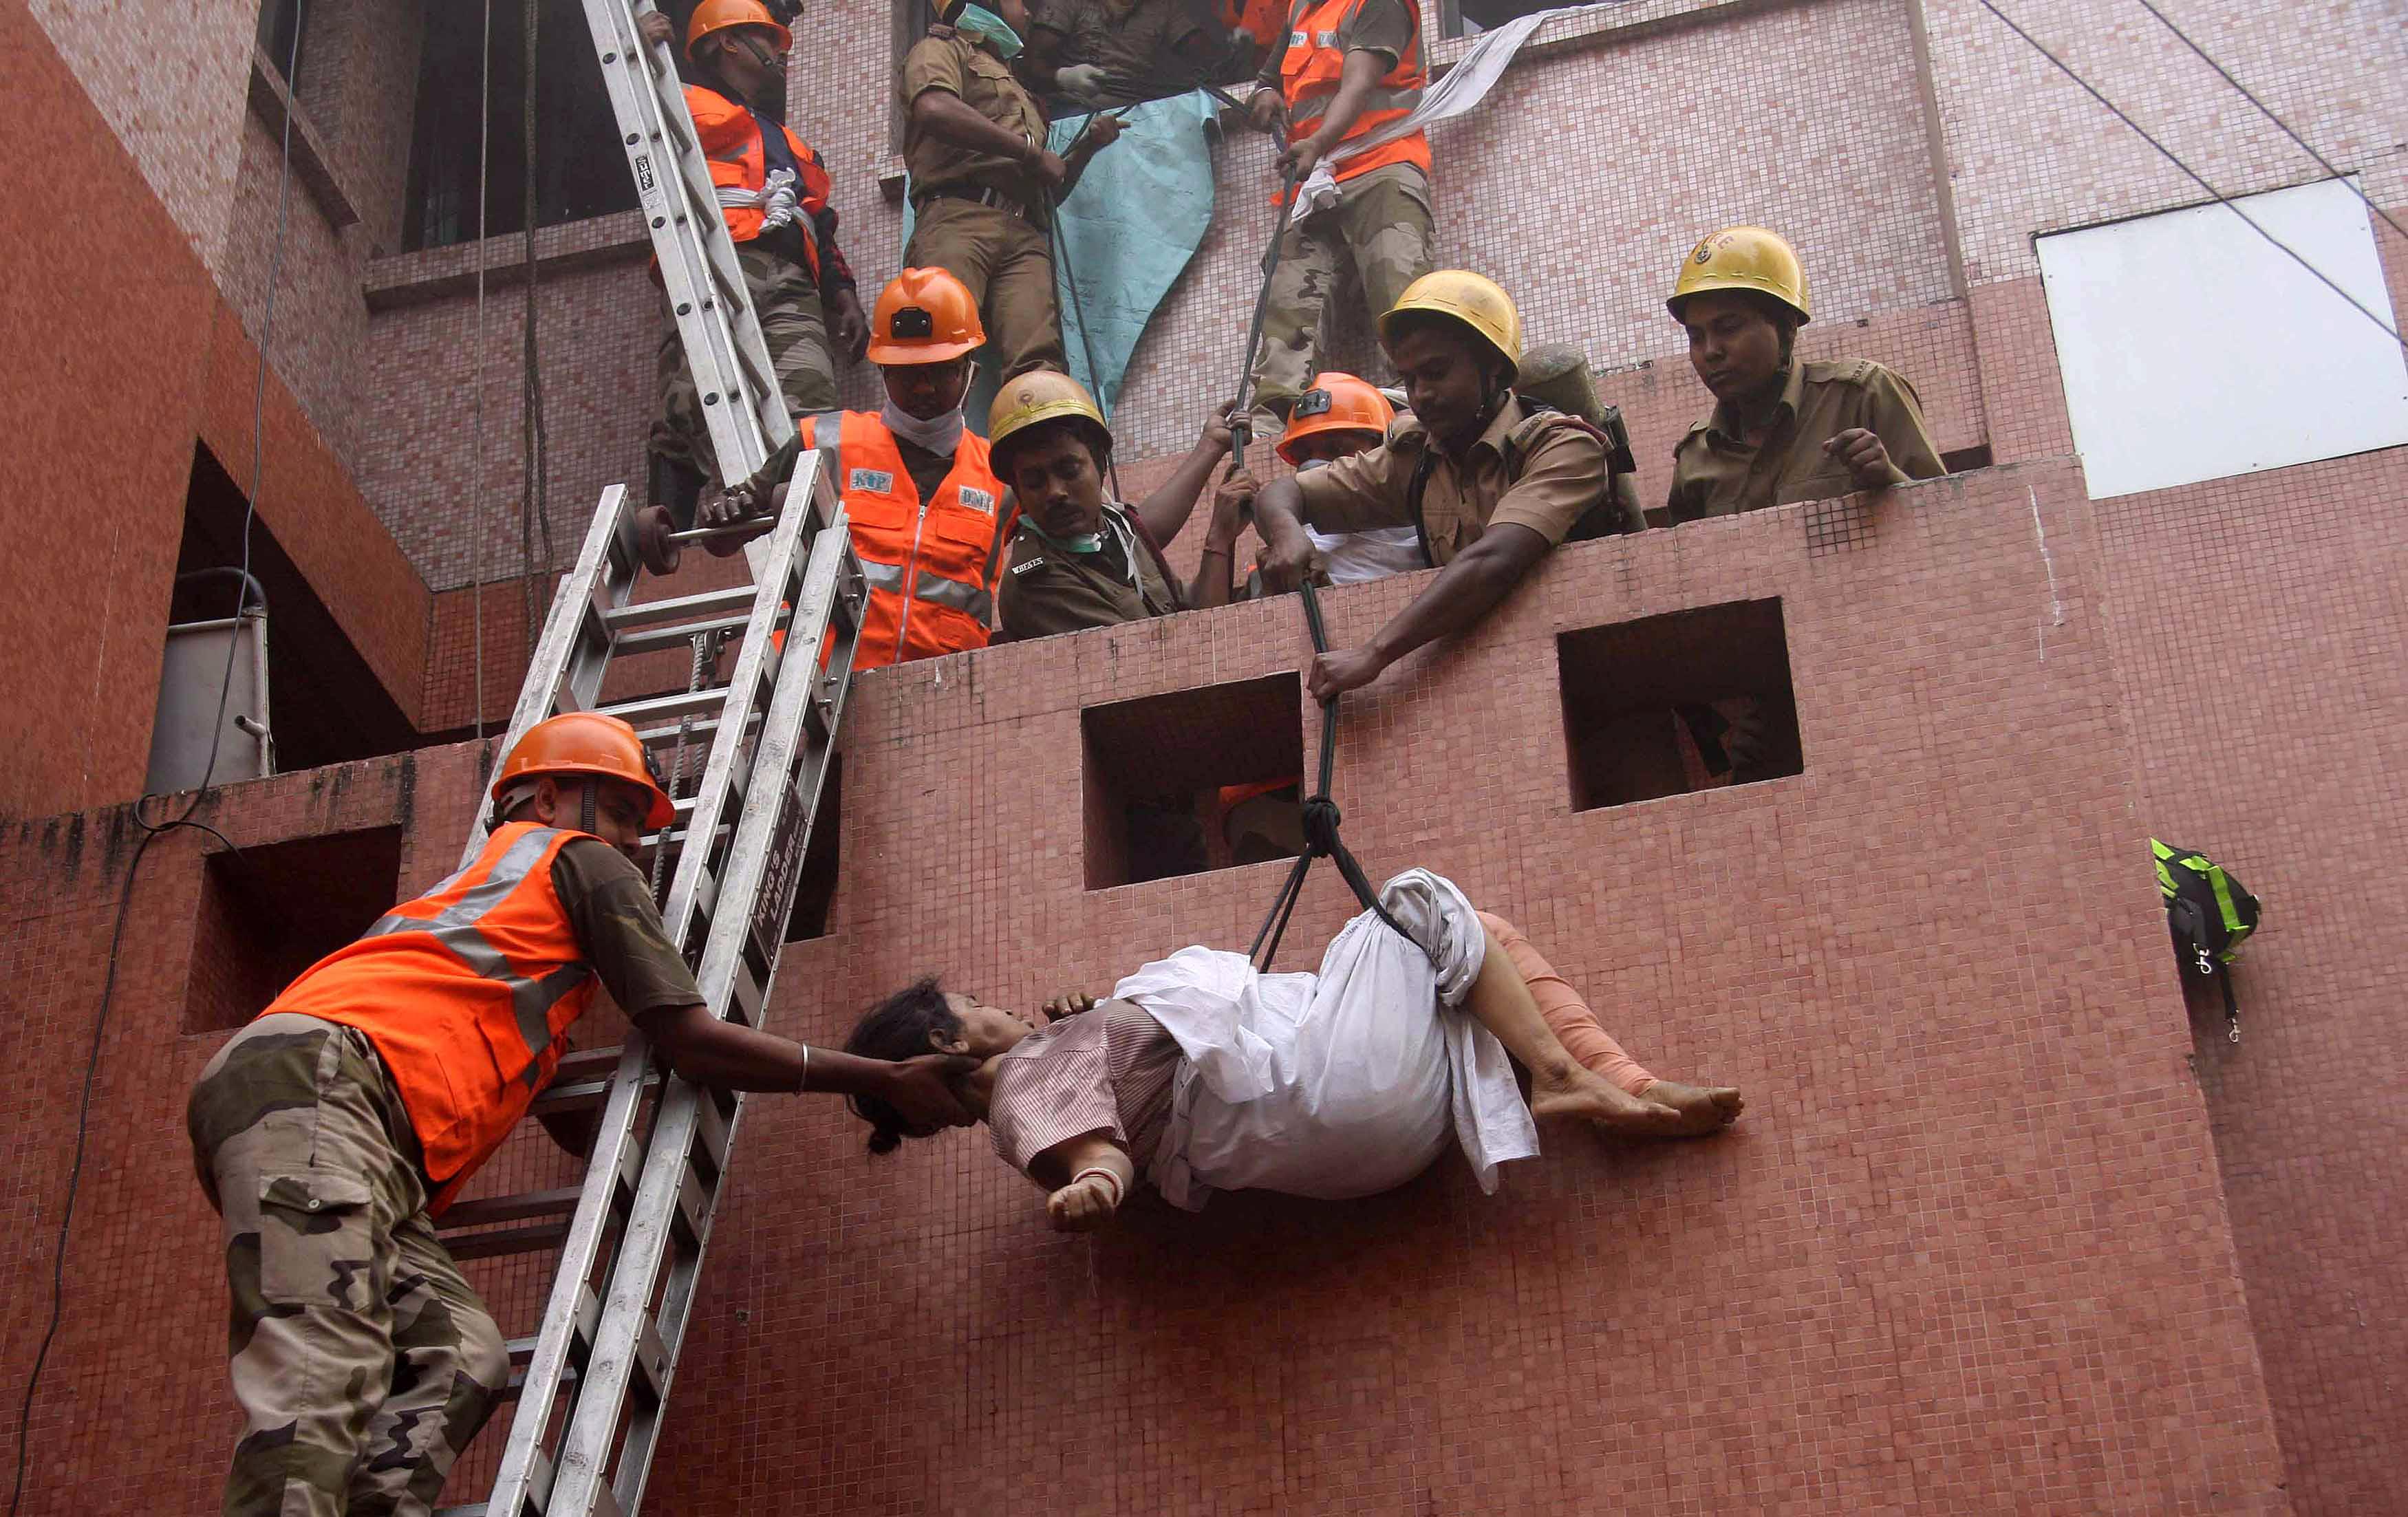 Багато хто з них задихнувся від диму. На момент пожежі в клініці перебувало 160 пацієнтів. Індійська влада чекає, що кількість жертв може зрости. Фото: STRDEL/AFP/Getty Images